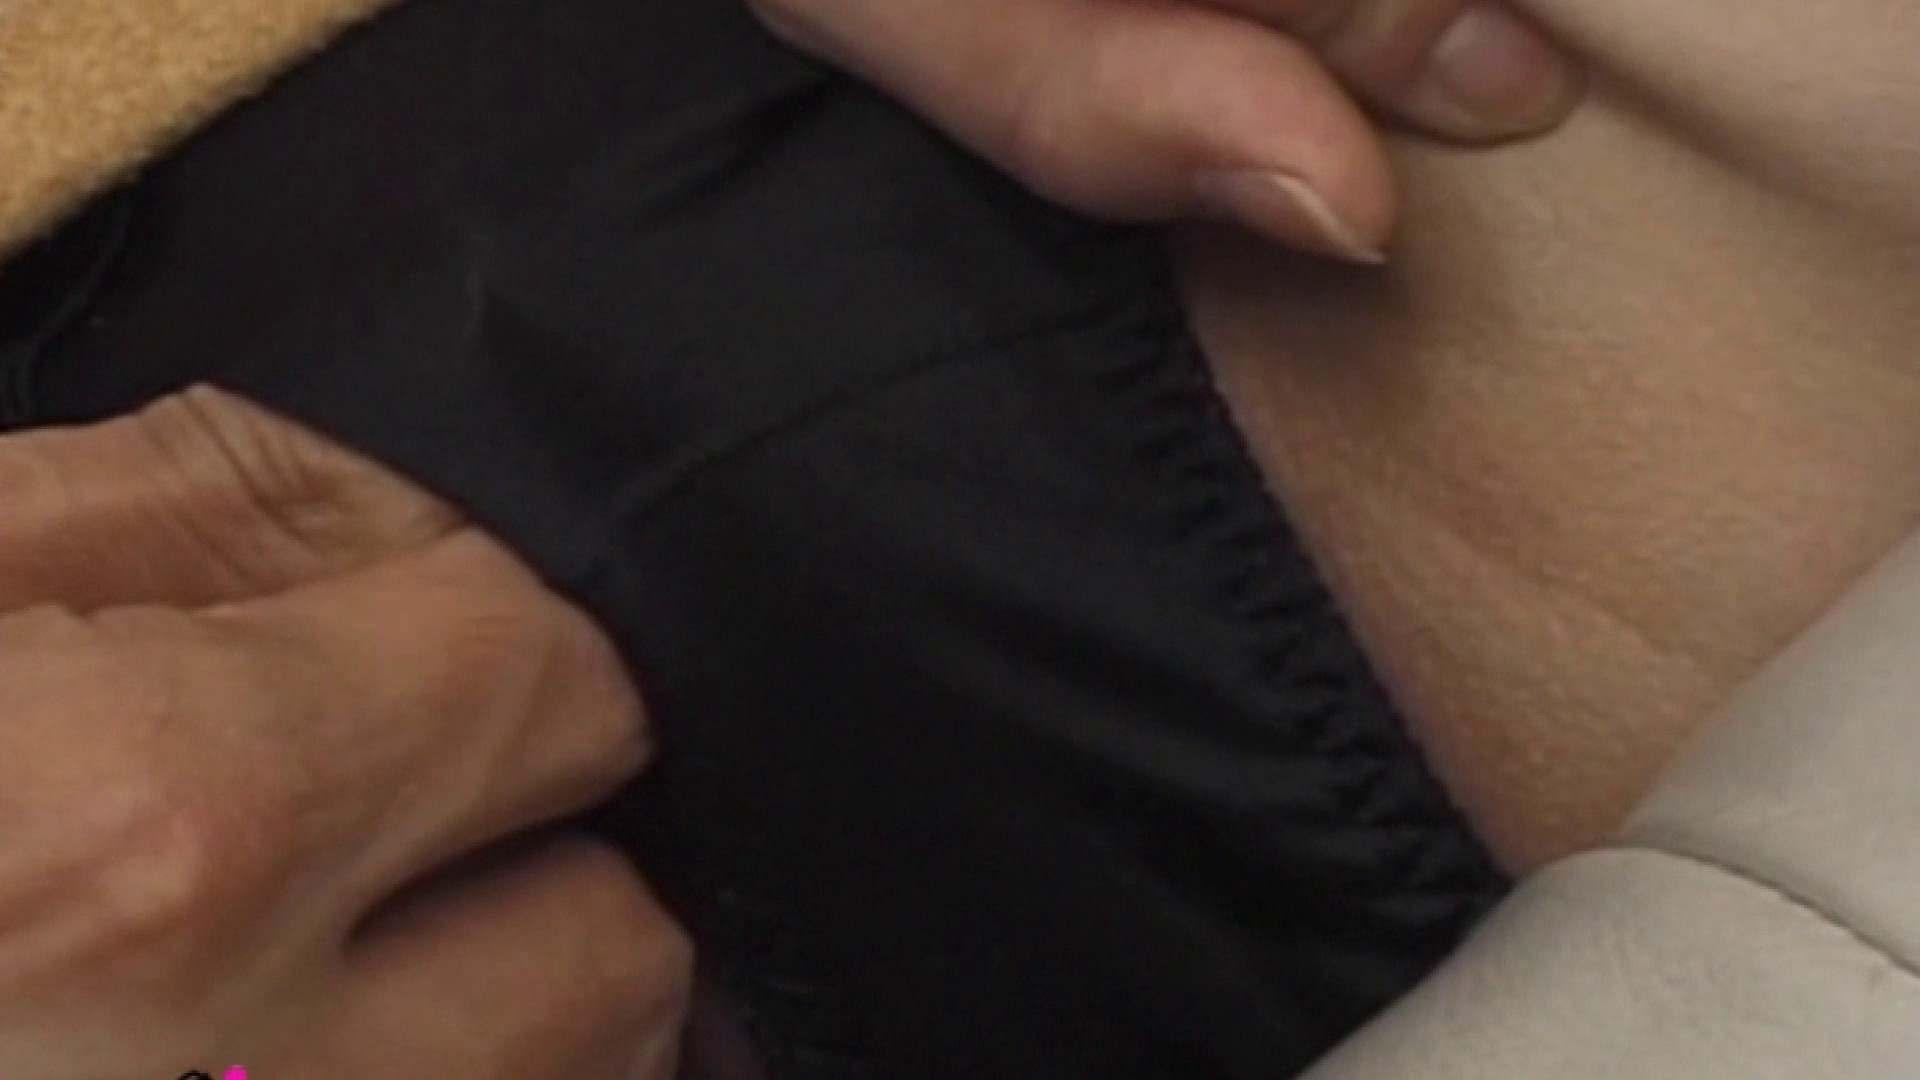 おしえてギャル子のH塾 Vol.42前編 小悪魔ギャル オメコ無修正動画無料 101連発 52